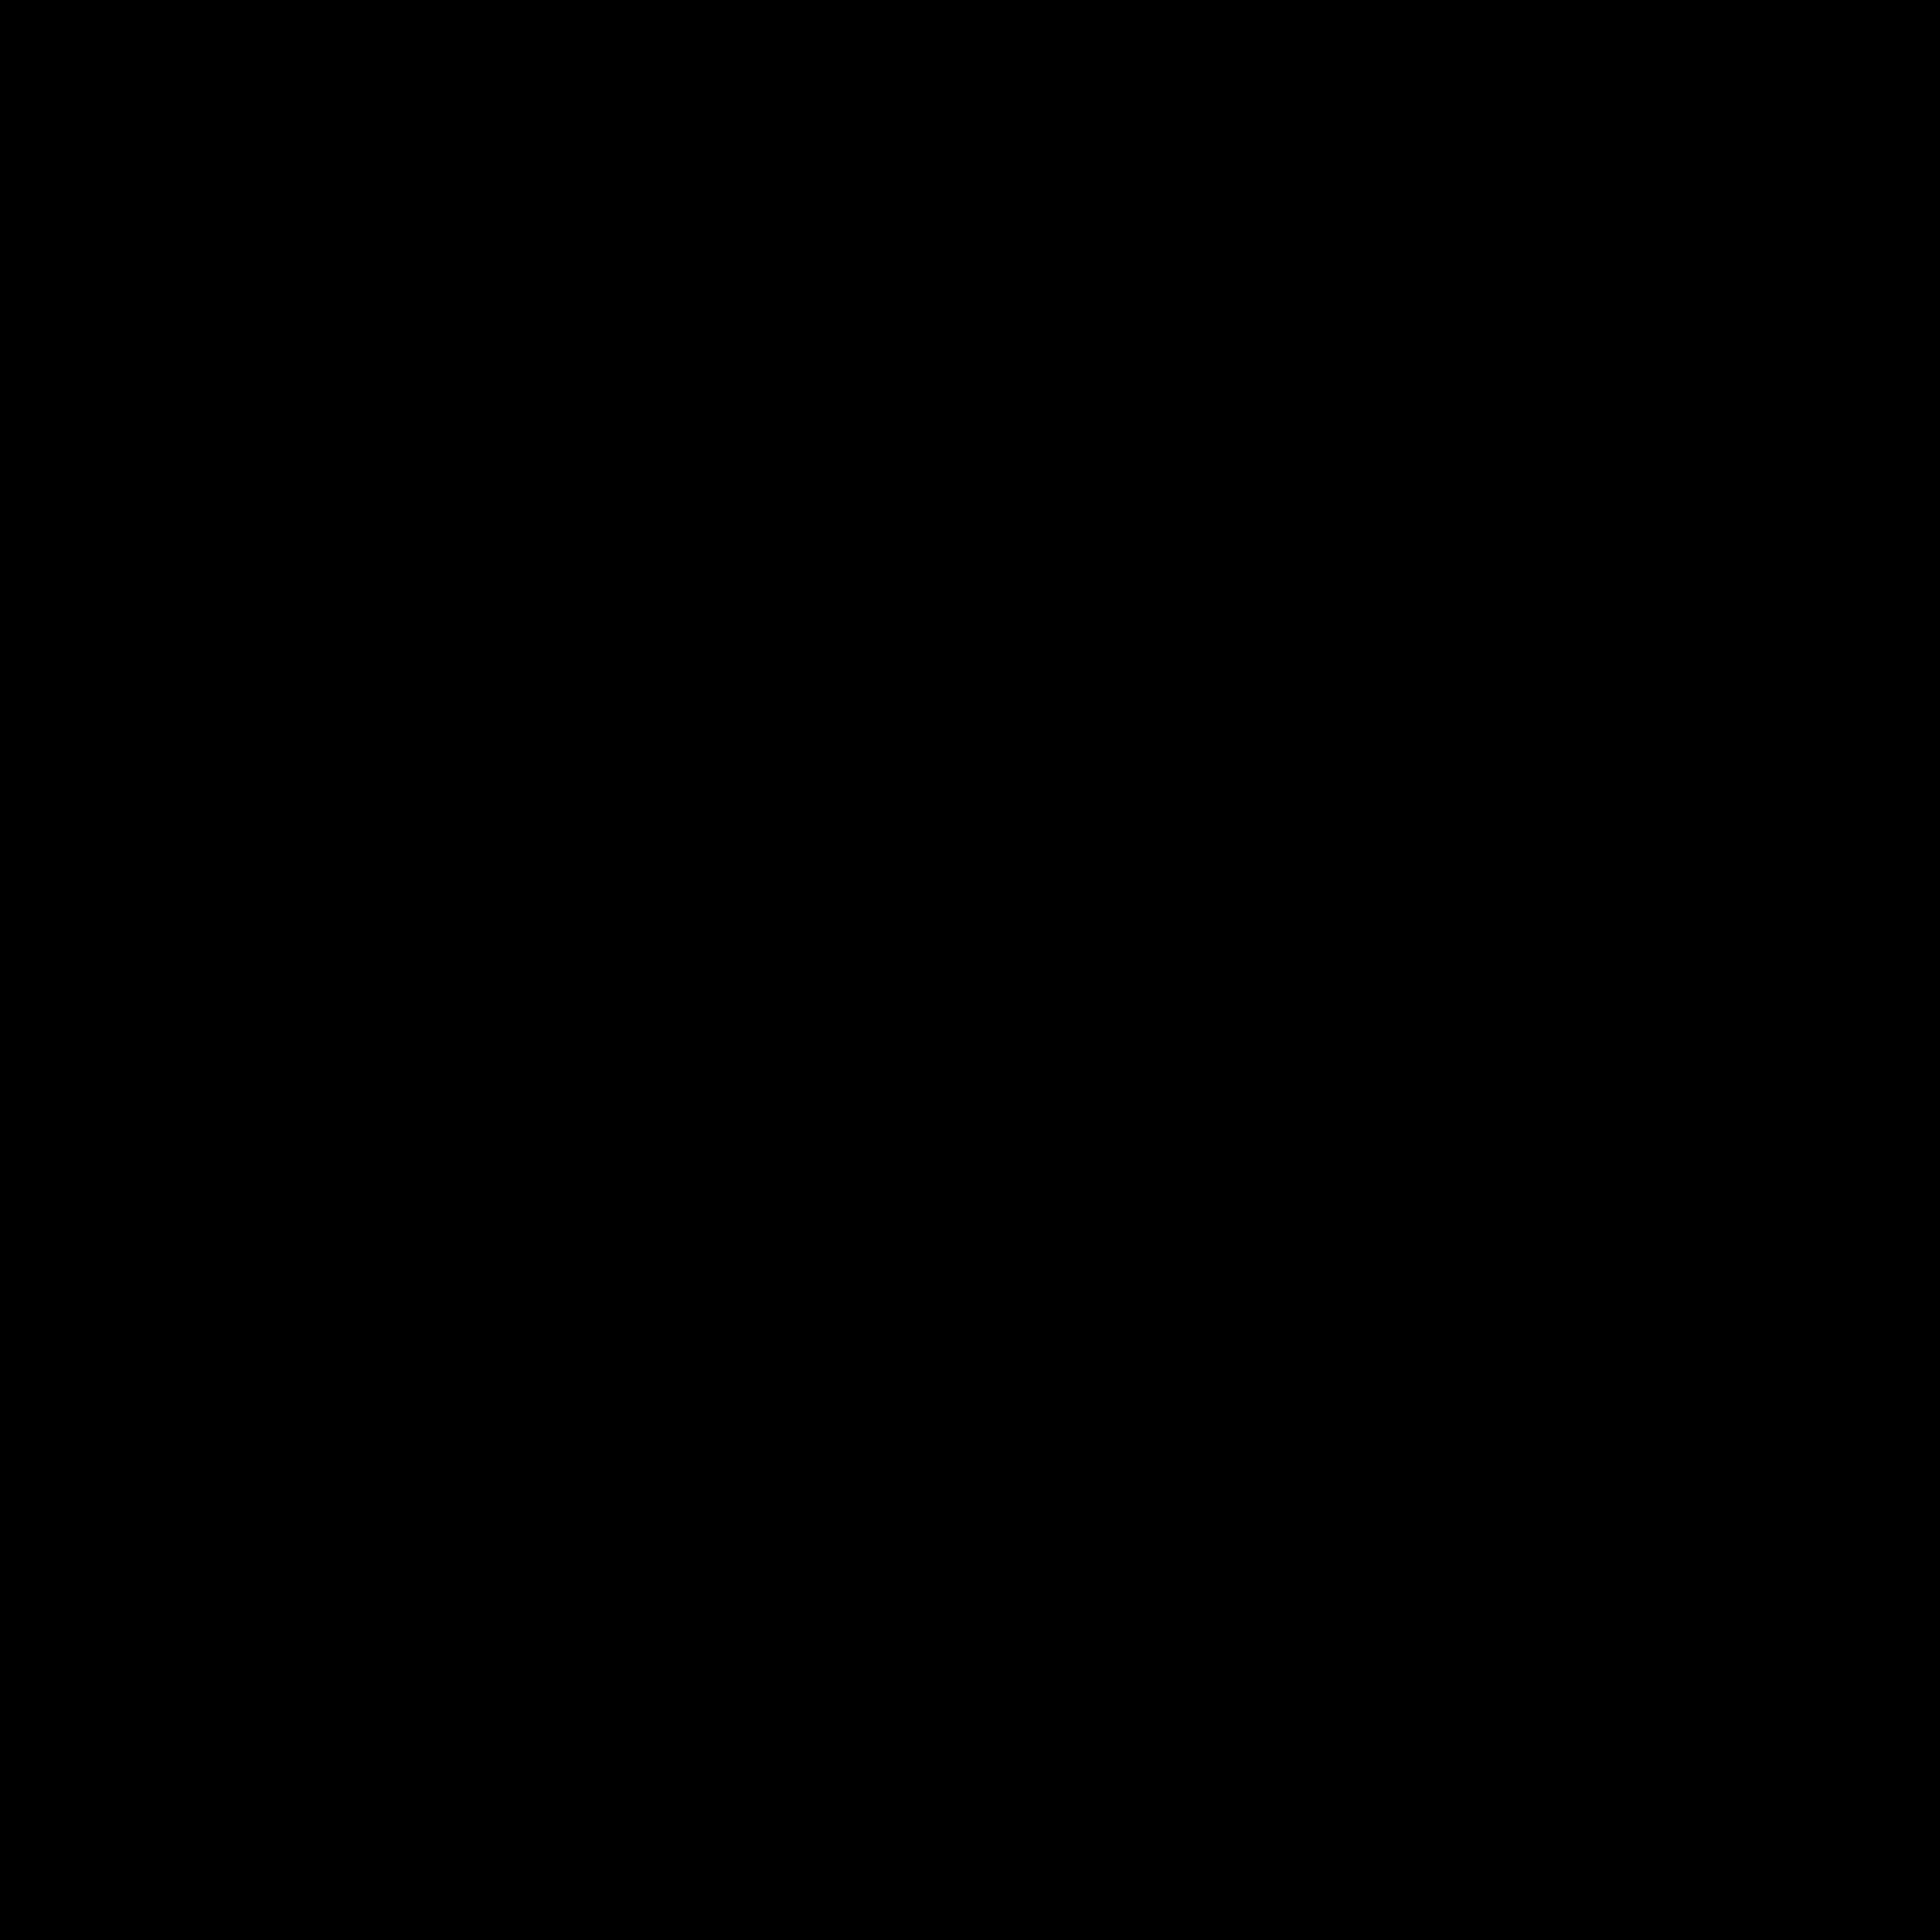 鞋服装塑料胶袋手提礼品袋包装购物袋定做LOGO印刷定制现货批发